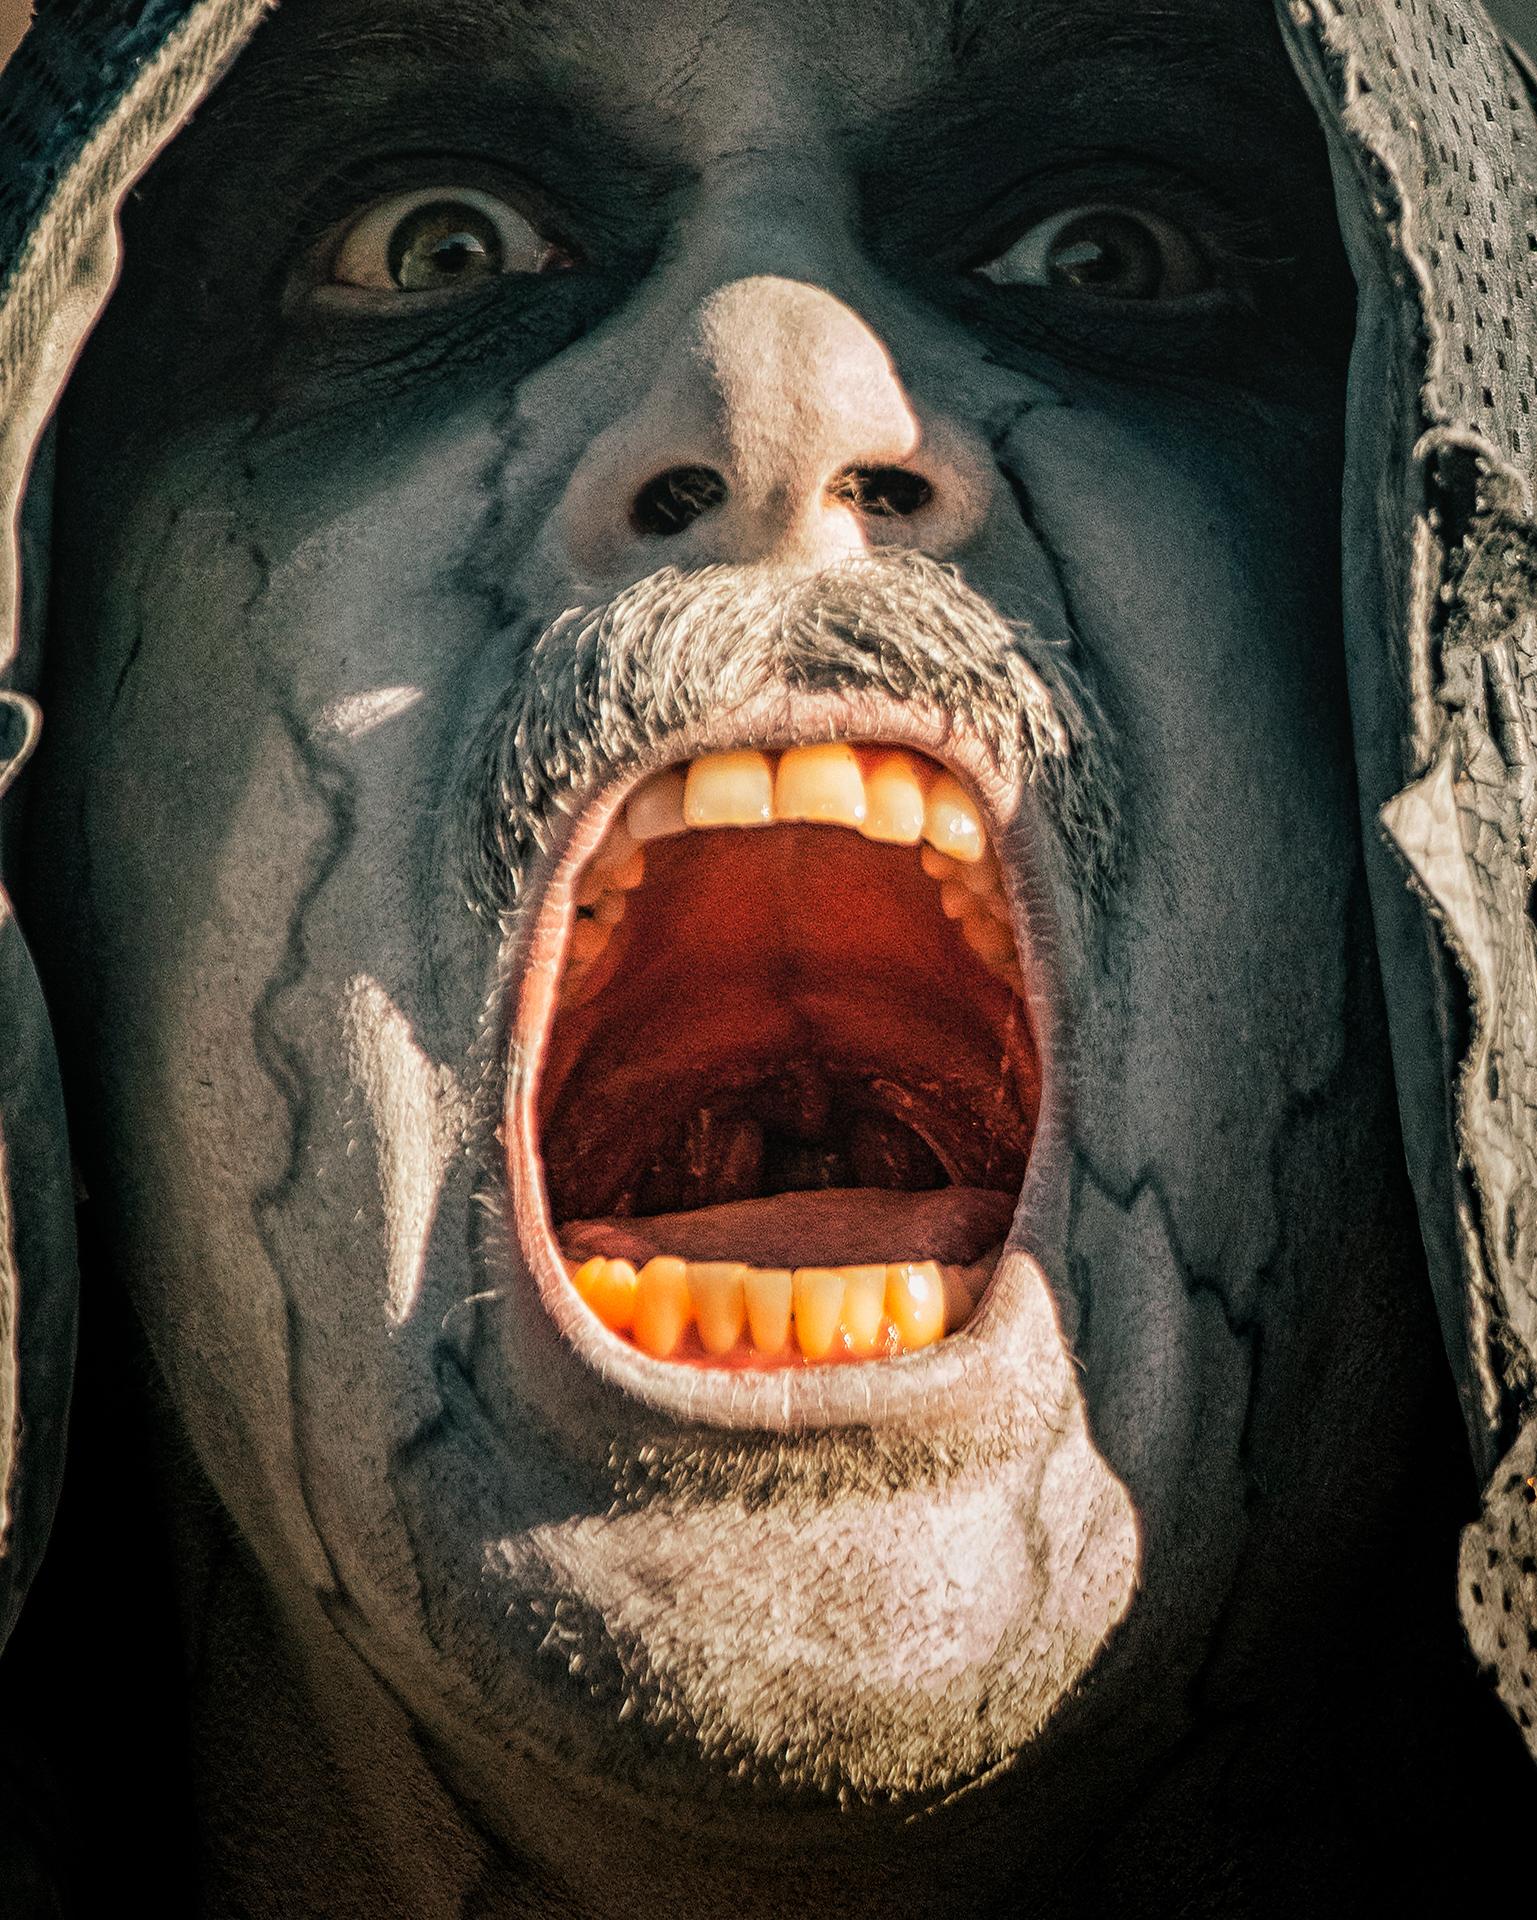 Galder, Dimmu Borgir band, guitarist, Tuska metal festival